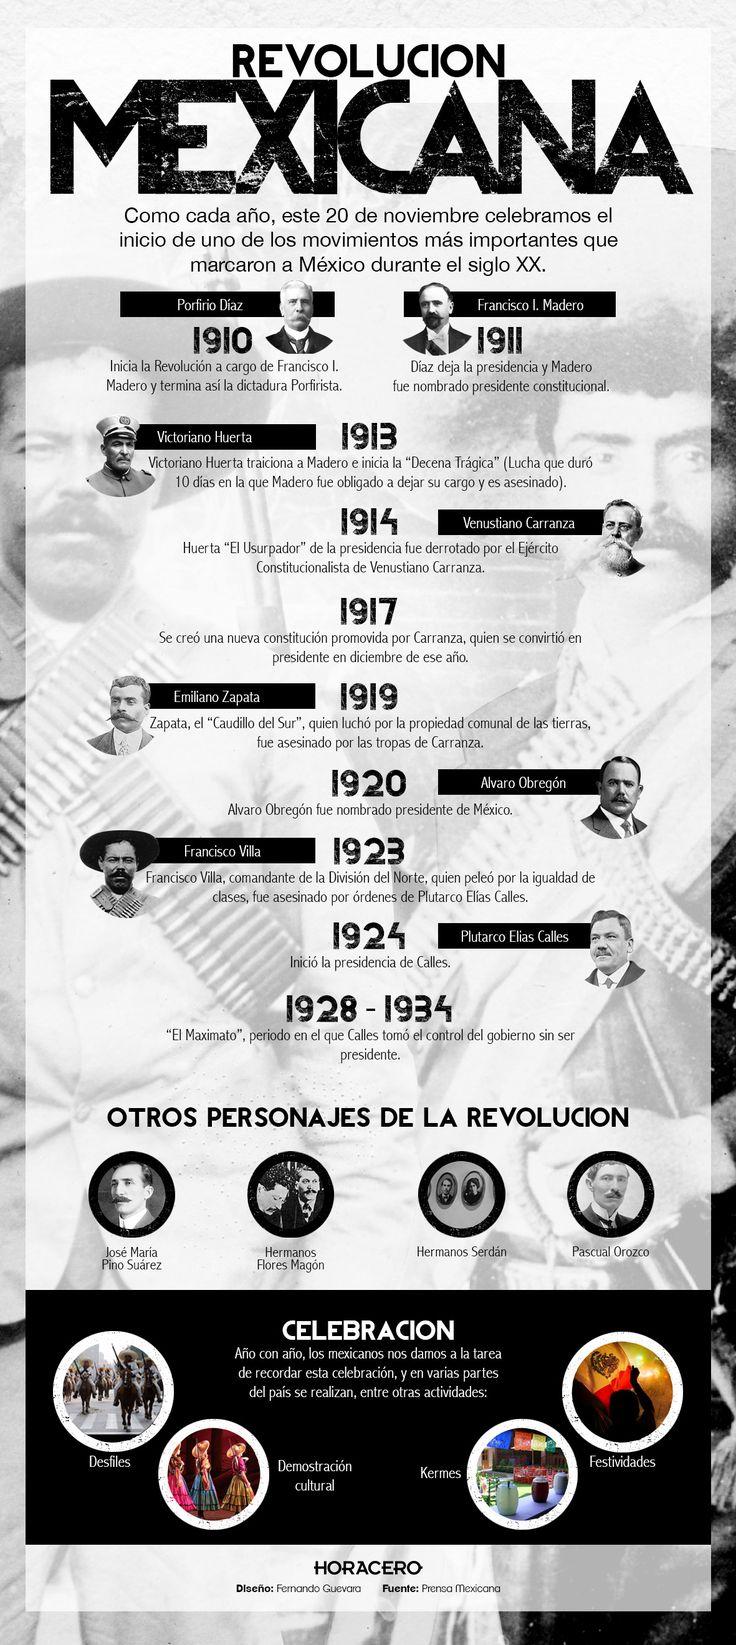 La siguiente infografía se realizó para conmemorar el aniversario de la Revolución Mexicana celebrado el 20 de Noviembre